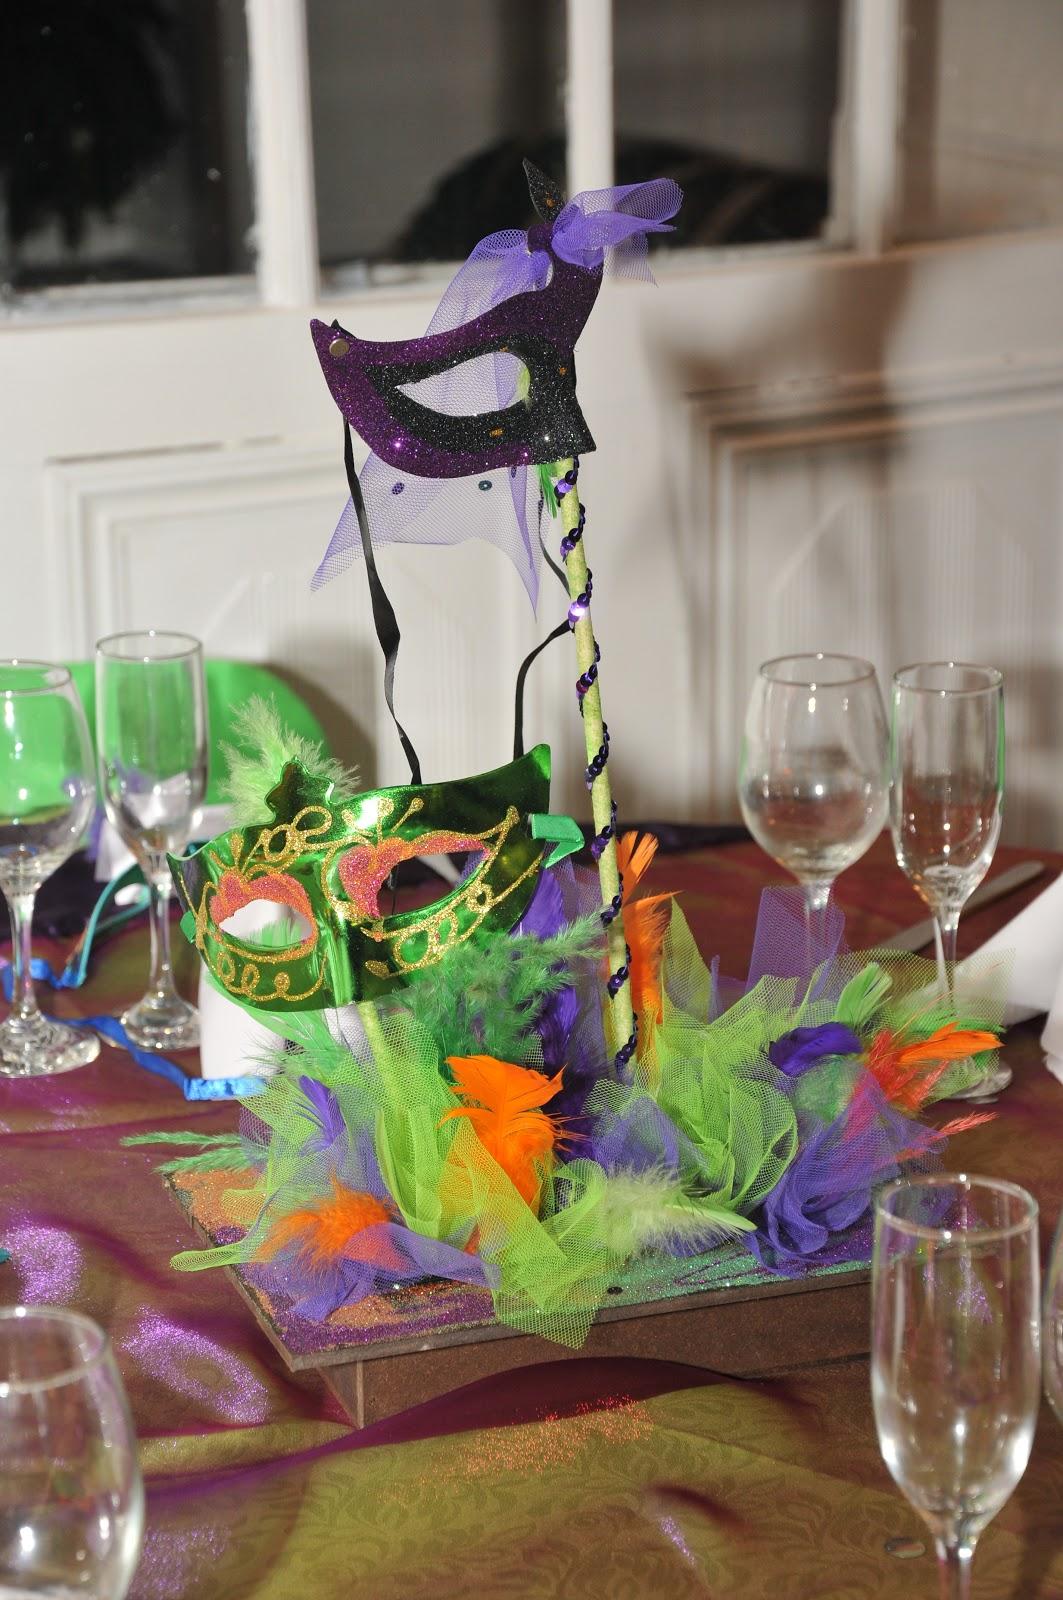 Pin decoraciones carnaval cake on pinterest - Decoracion de carnaval ...